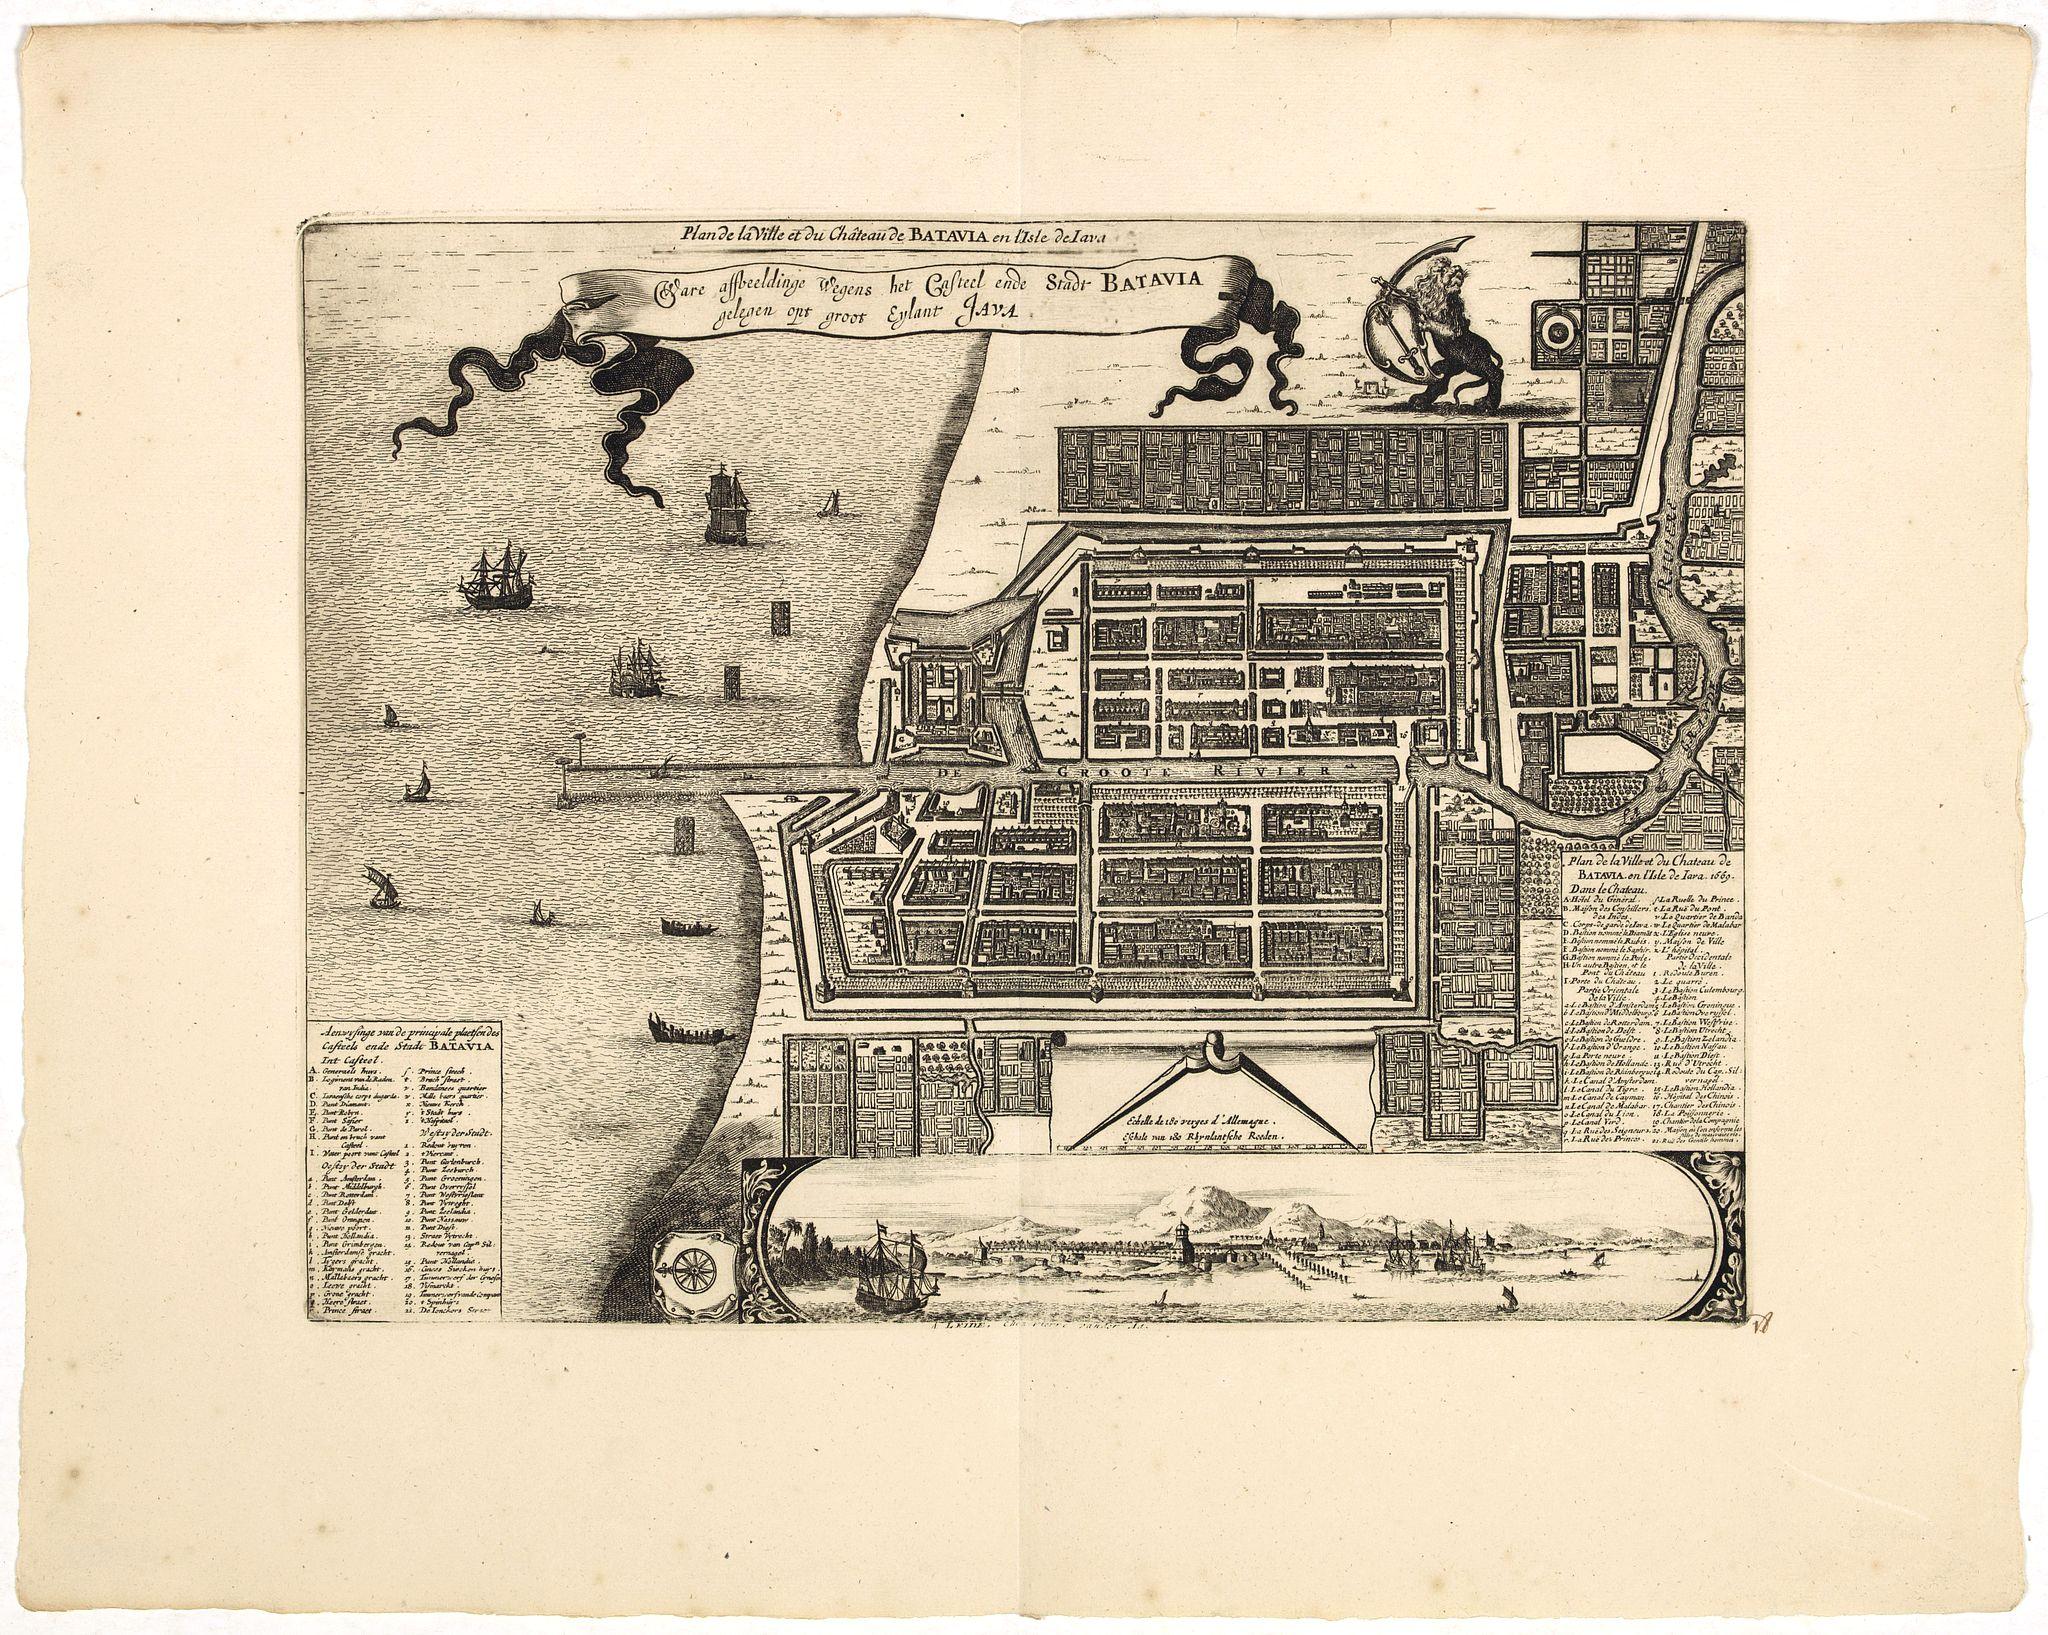 VAN DER AA, P. / OLEARIUS, A. -  Plan de la Ville et du Chateau de Batavia en l'Isle de Iava / Ware affbeeldinge wegens het Casteel ende Stadt Batavia gelegen opt groot Eylant Java.